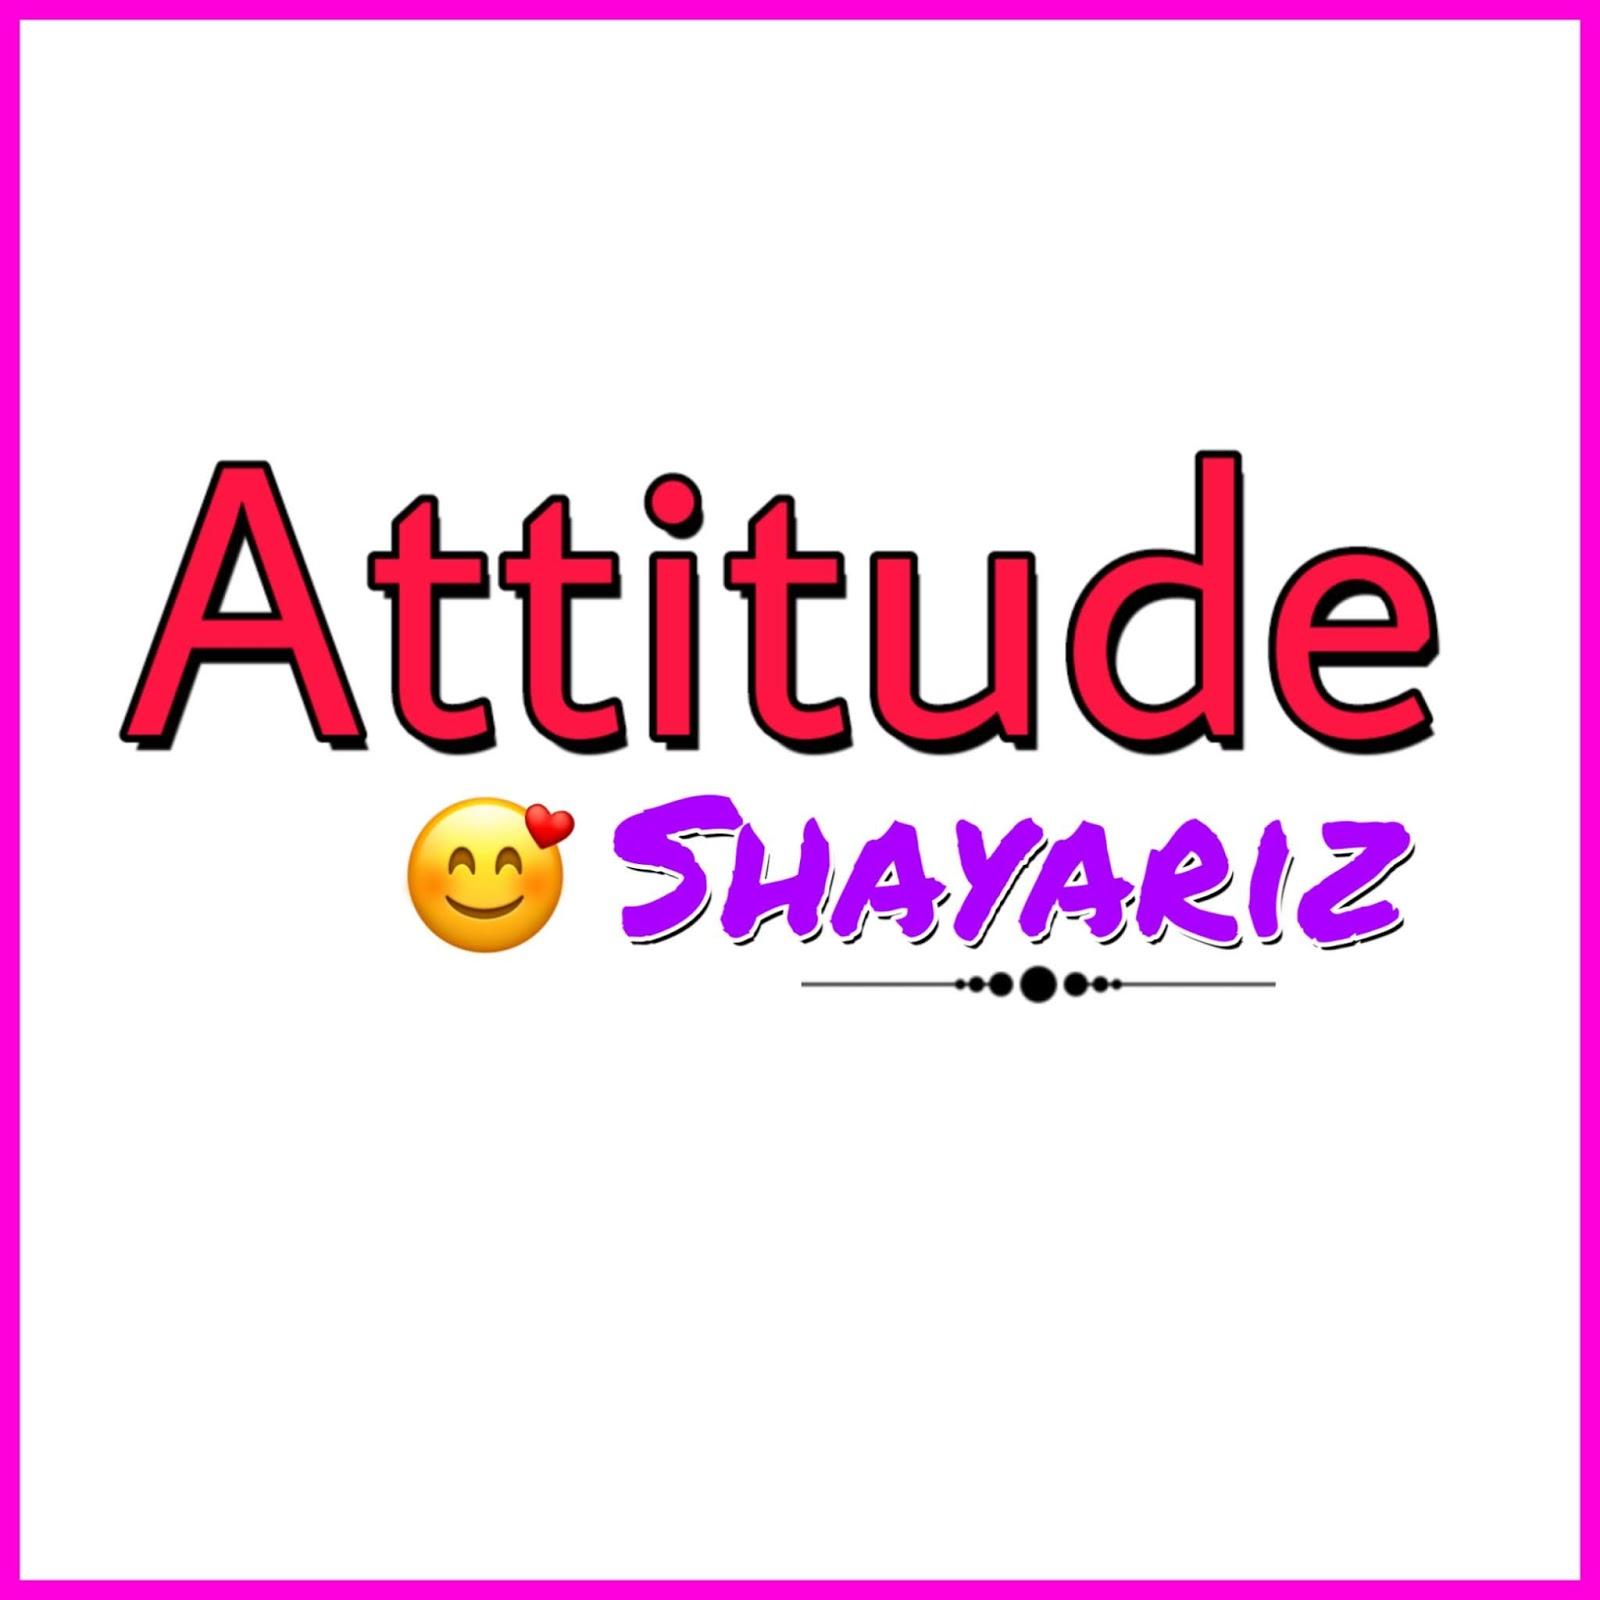 Attitude Shayari | 20 Best Attitude Shayari